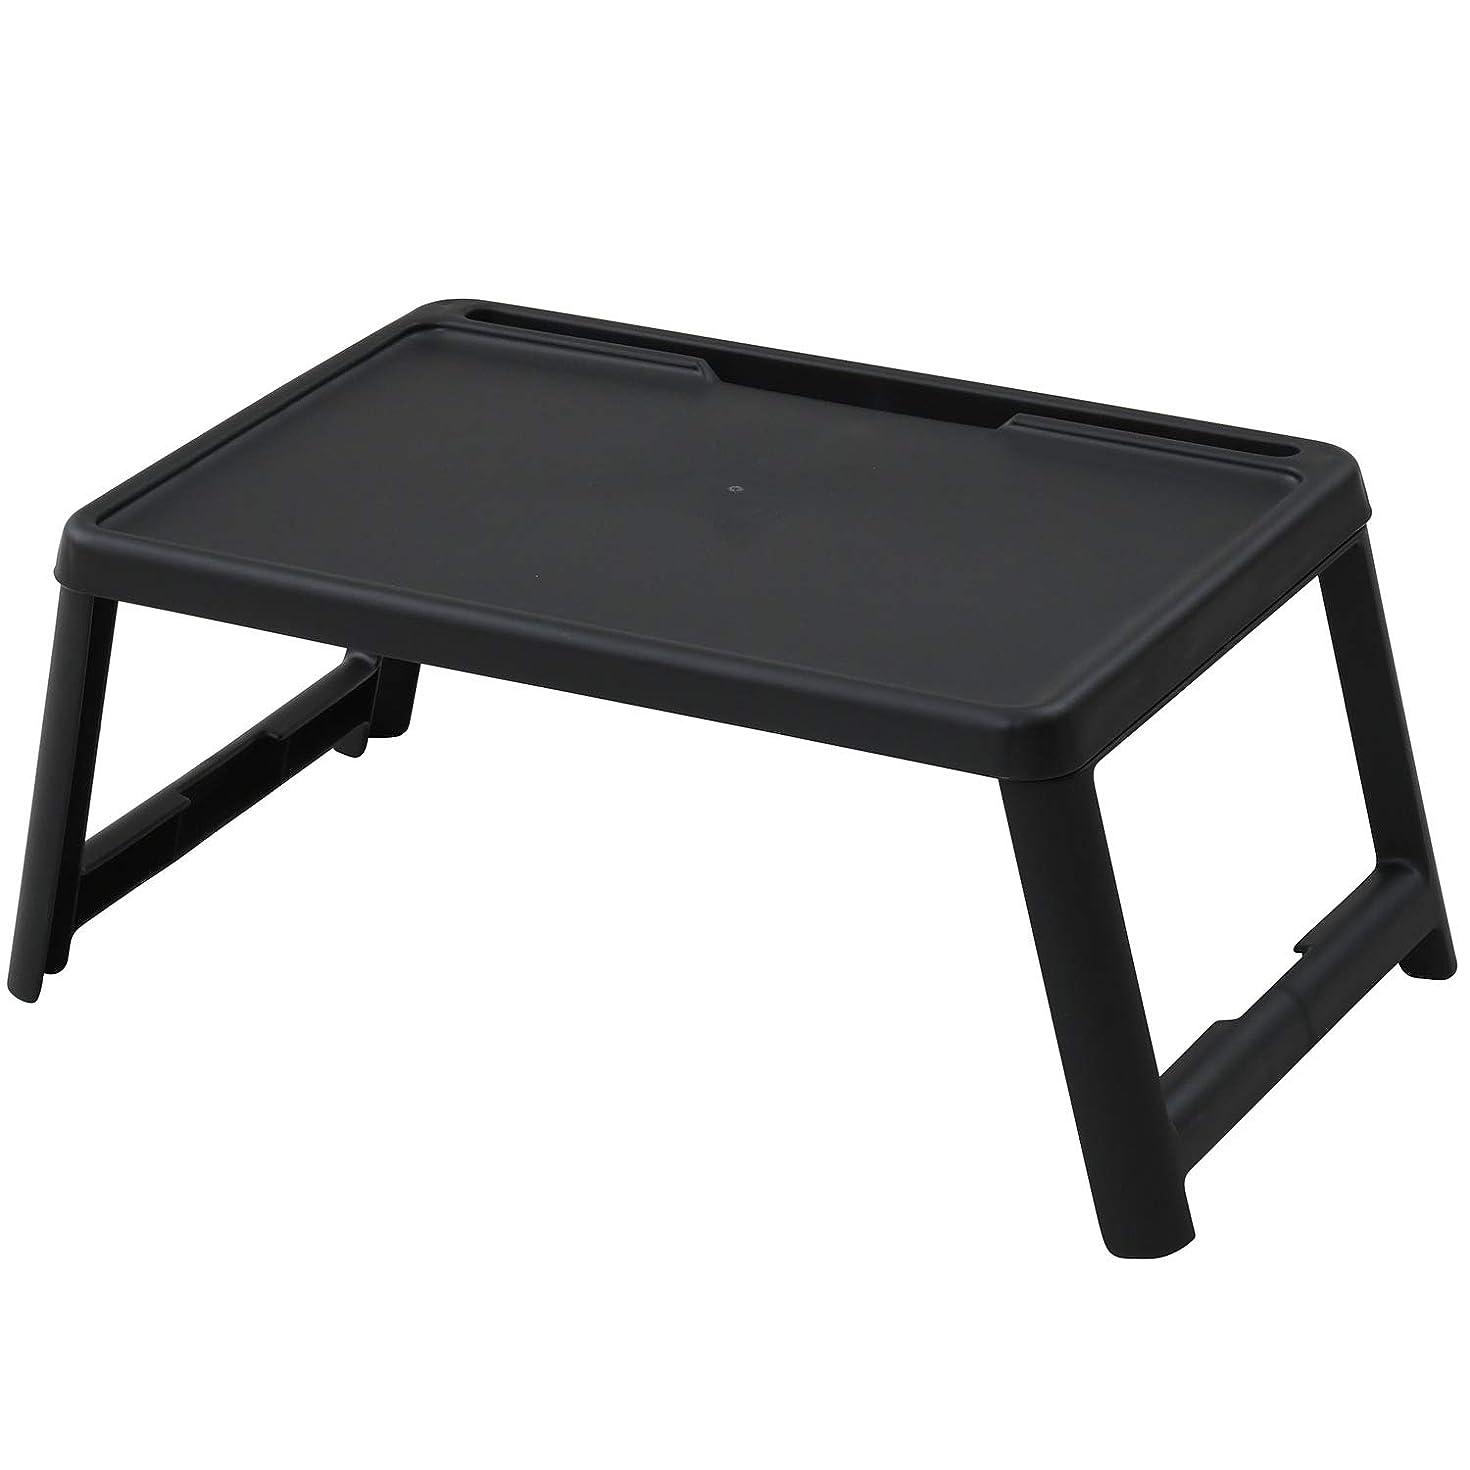 ラベメモおもしろい山善(YAMAZEN) テーブル ブラック 幅63×奥行35cm コンパクト フリーテーブル 折りたたみ CFT-5035(BK)